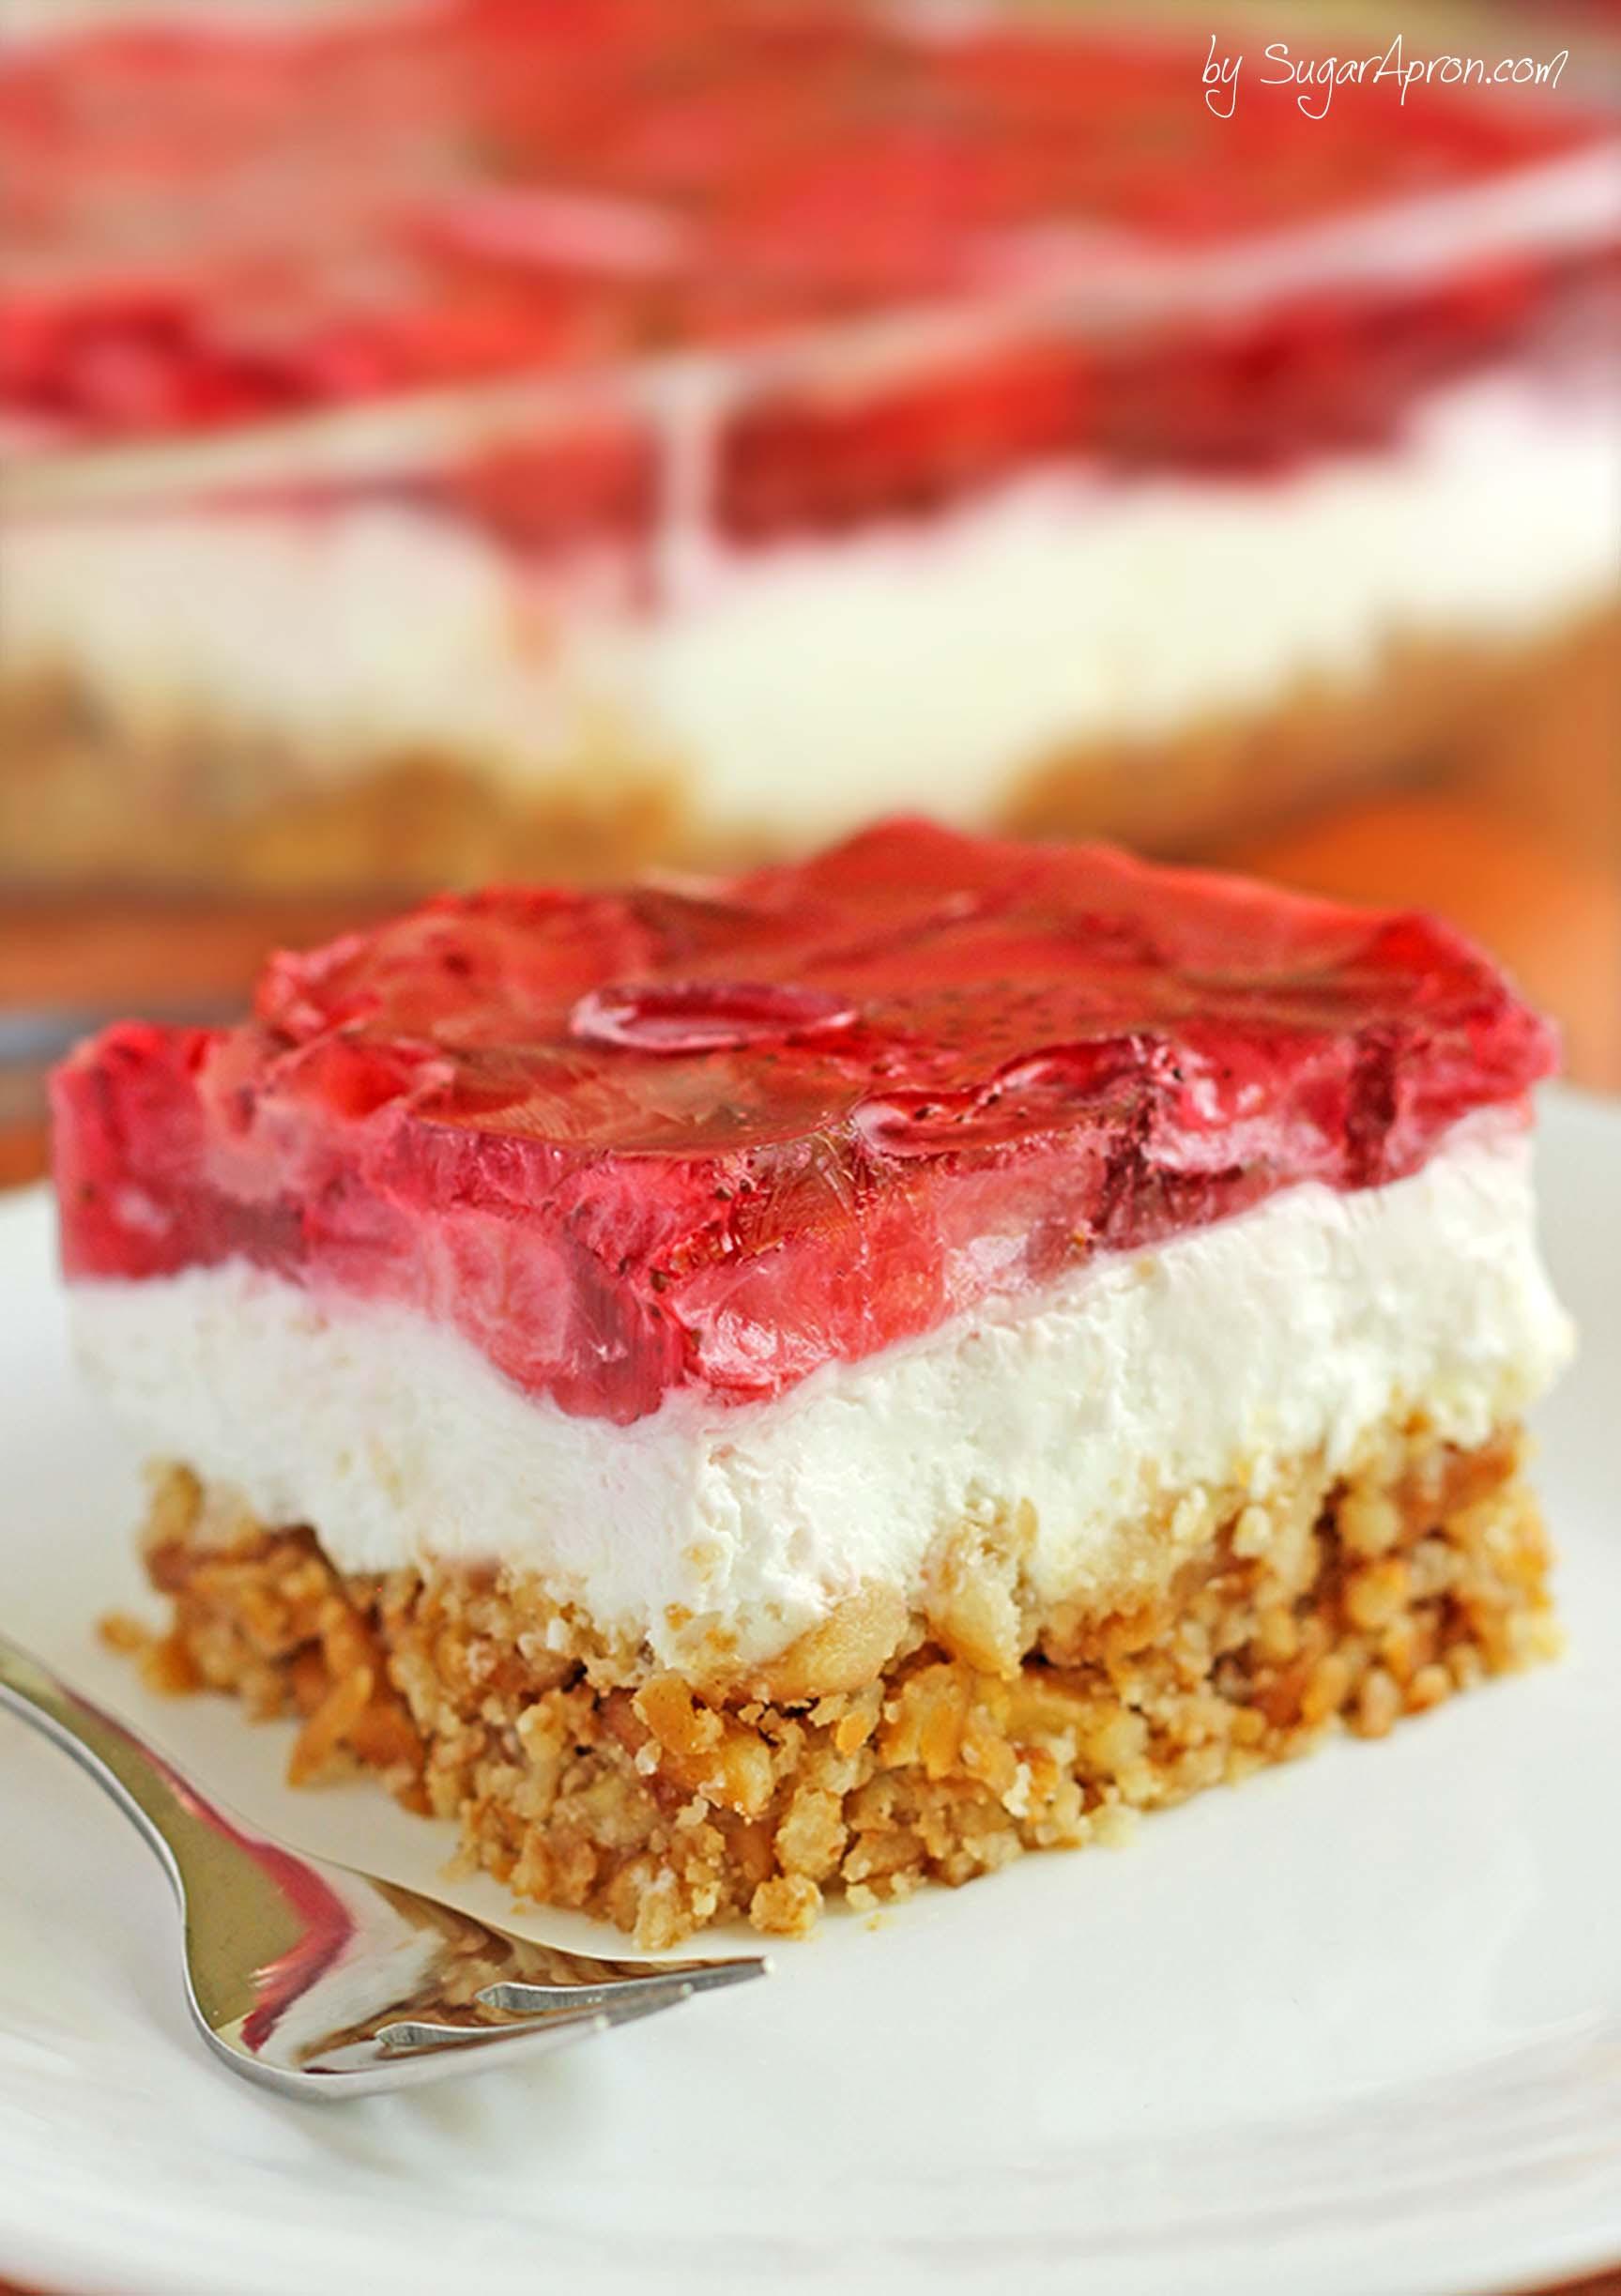 Dessert With Strawberries  Strawberry Pretzel Dessert Sugar Apron